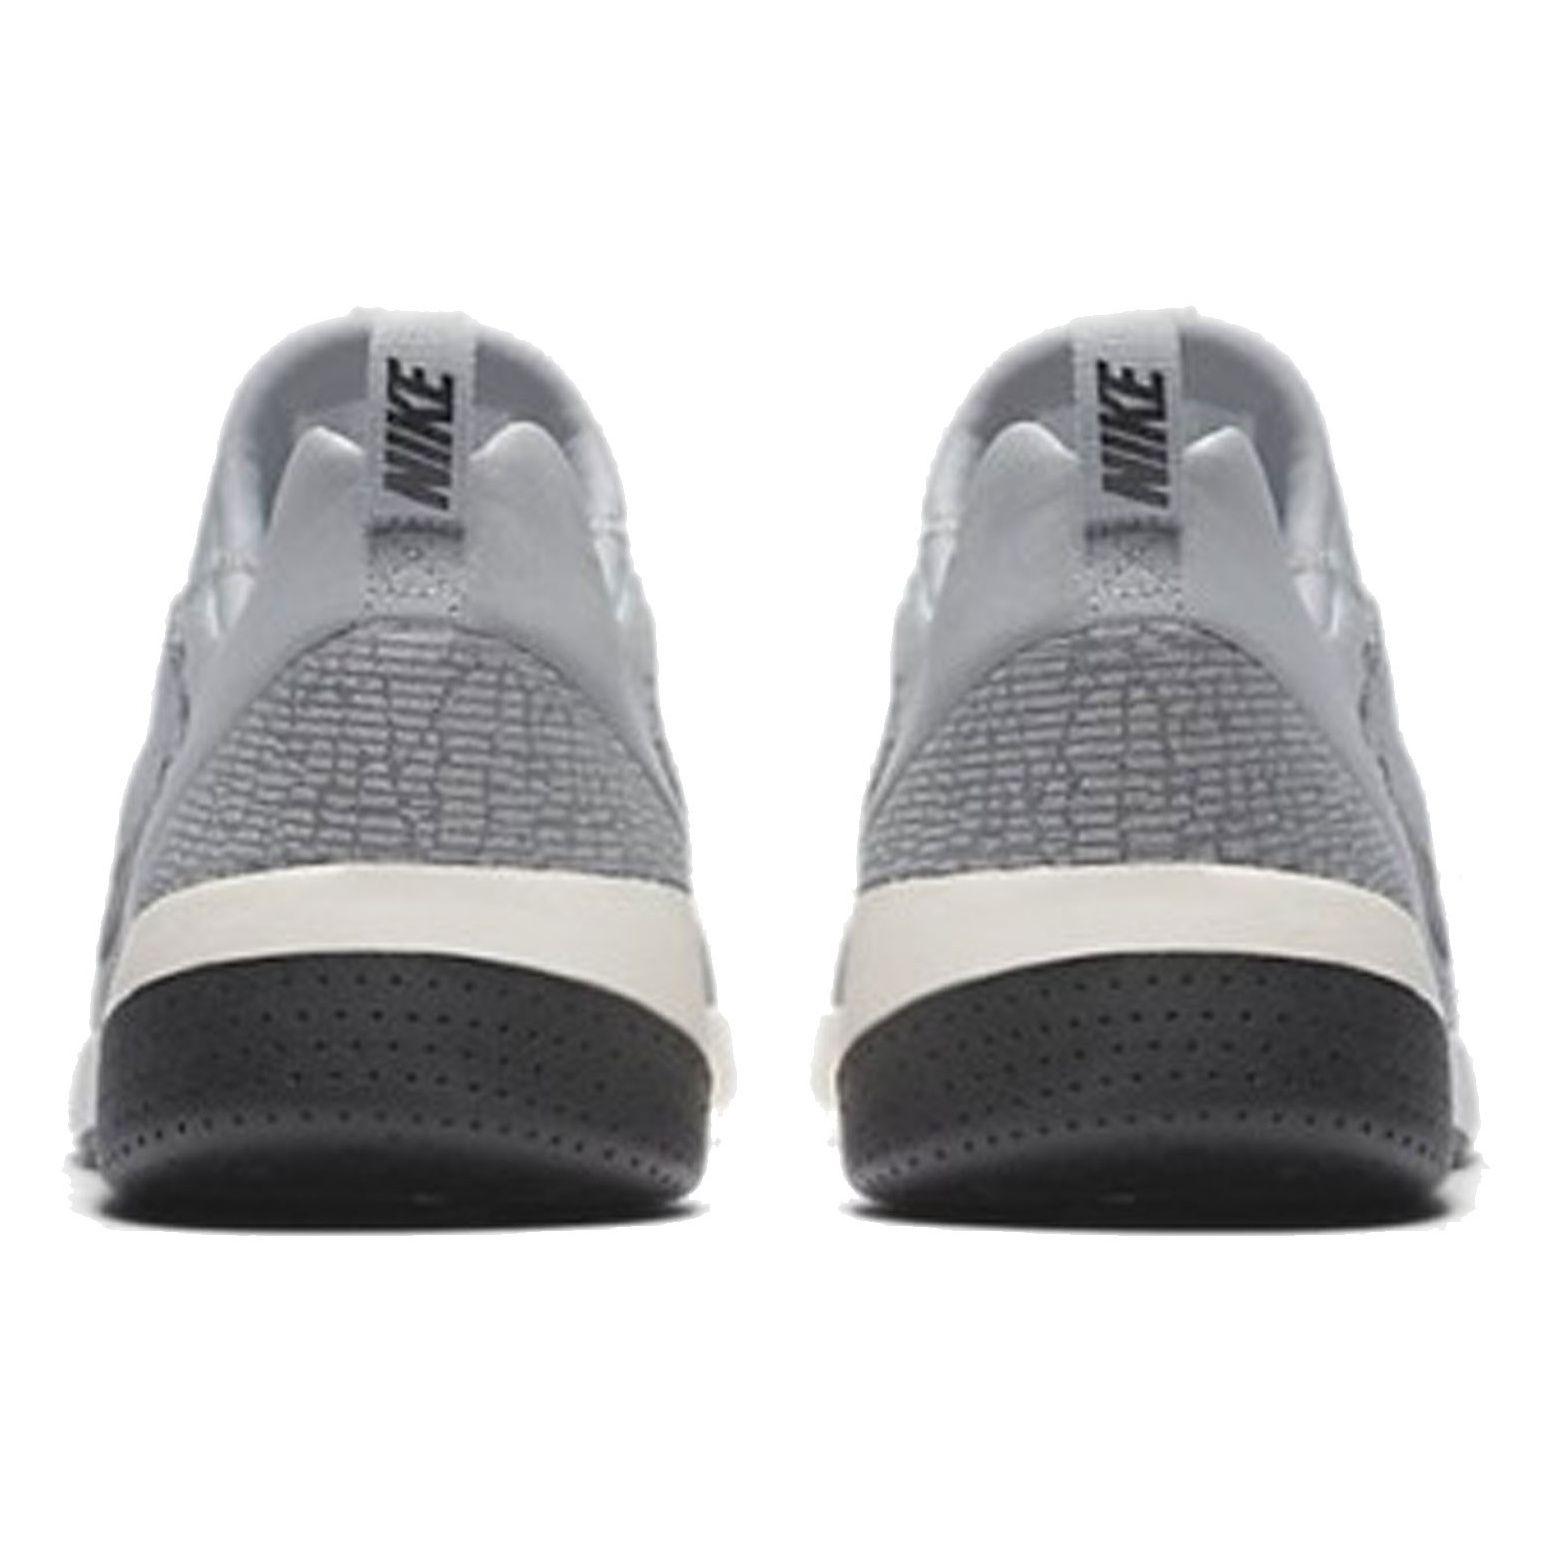 کفش ورزشی بندی دویدن مردانه Ck Racer - نایکی - طوسي روشن - 6